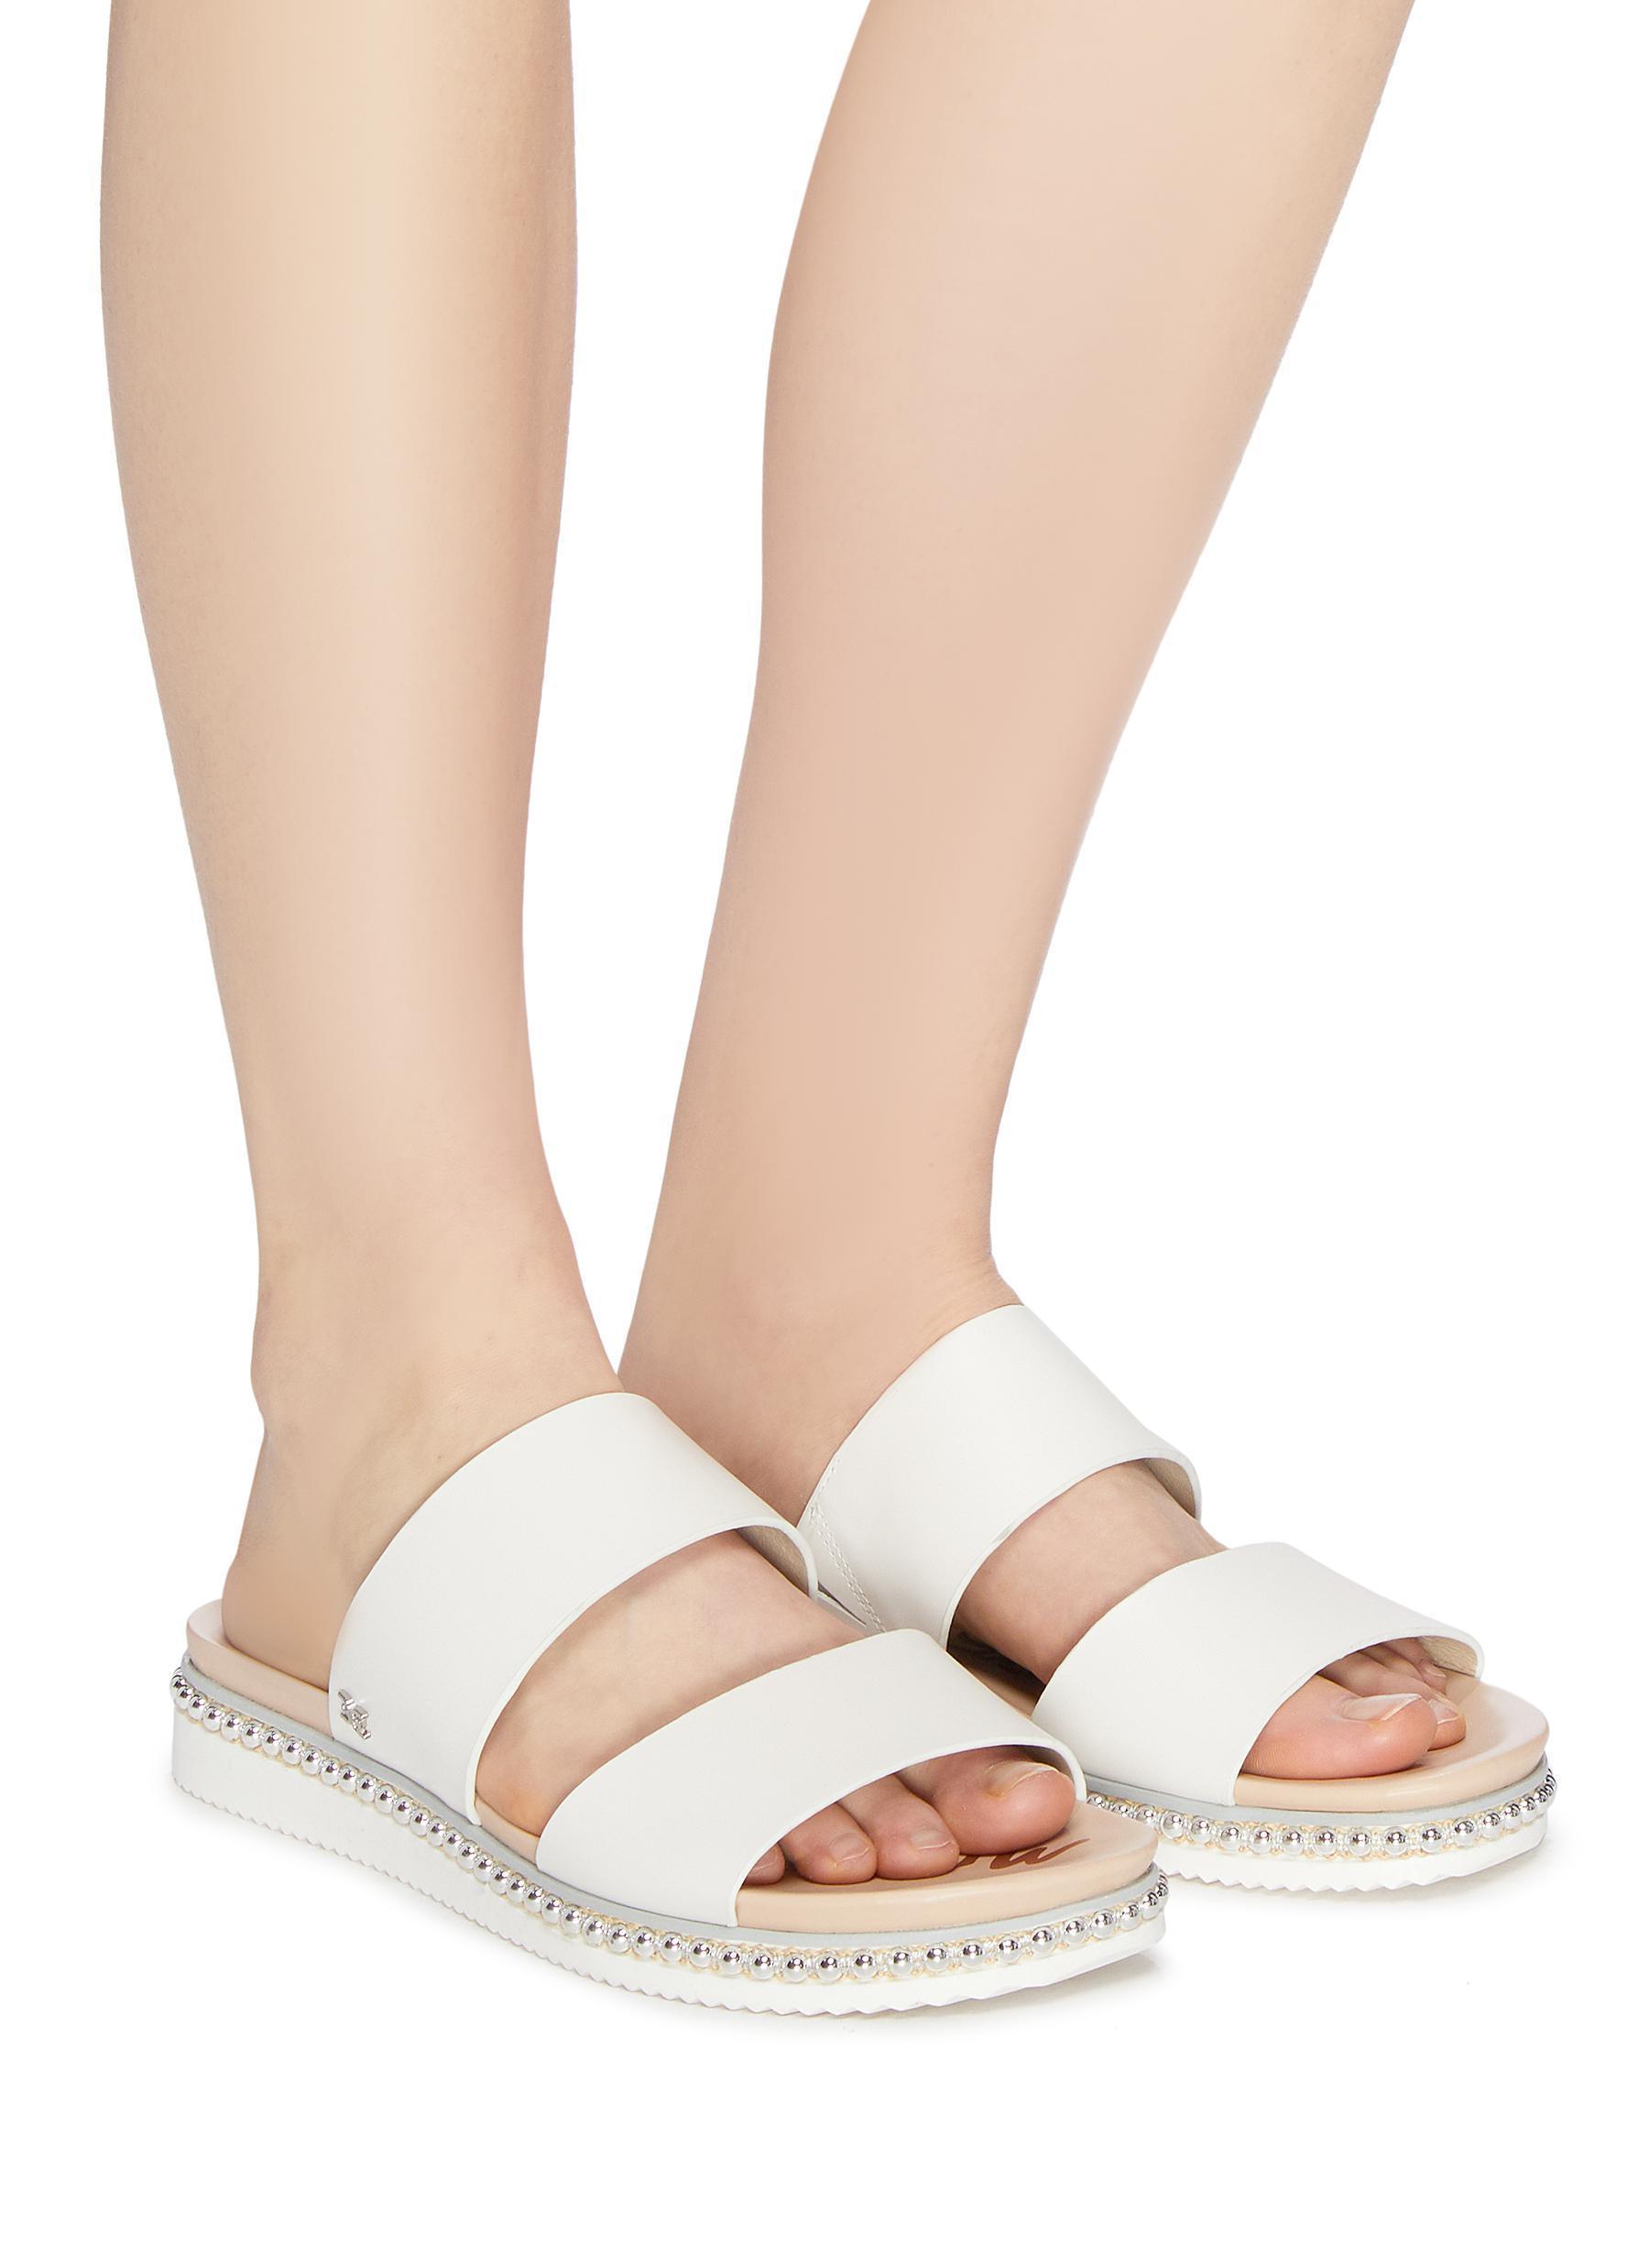 5161272e2814 Sam Edelman - Multicolor  asha  Stud Welt Leather Slide Sandals for Men -  Lyst. View fullscreen